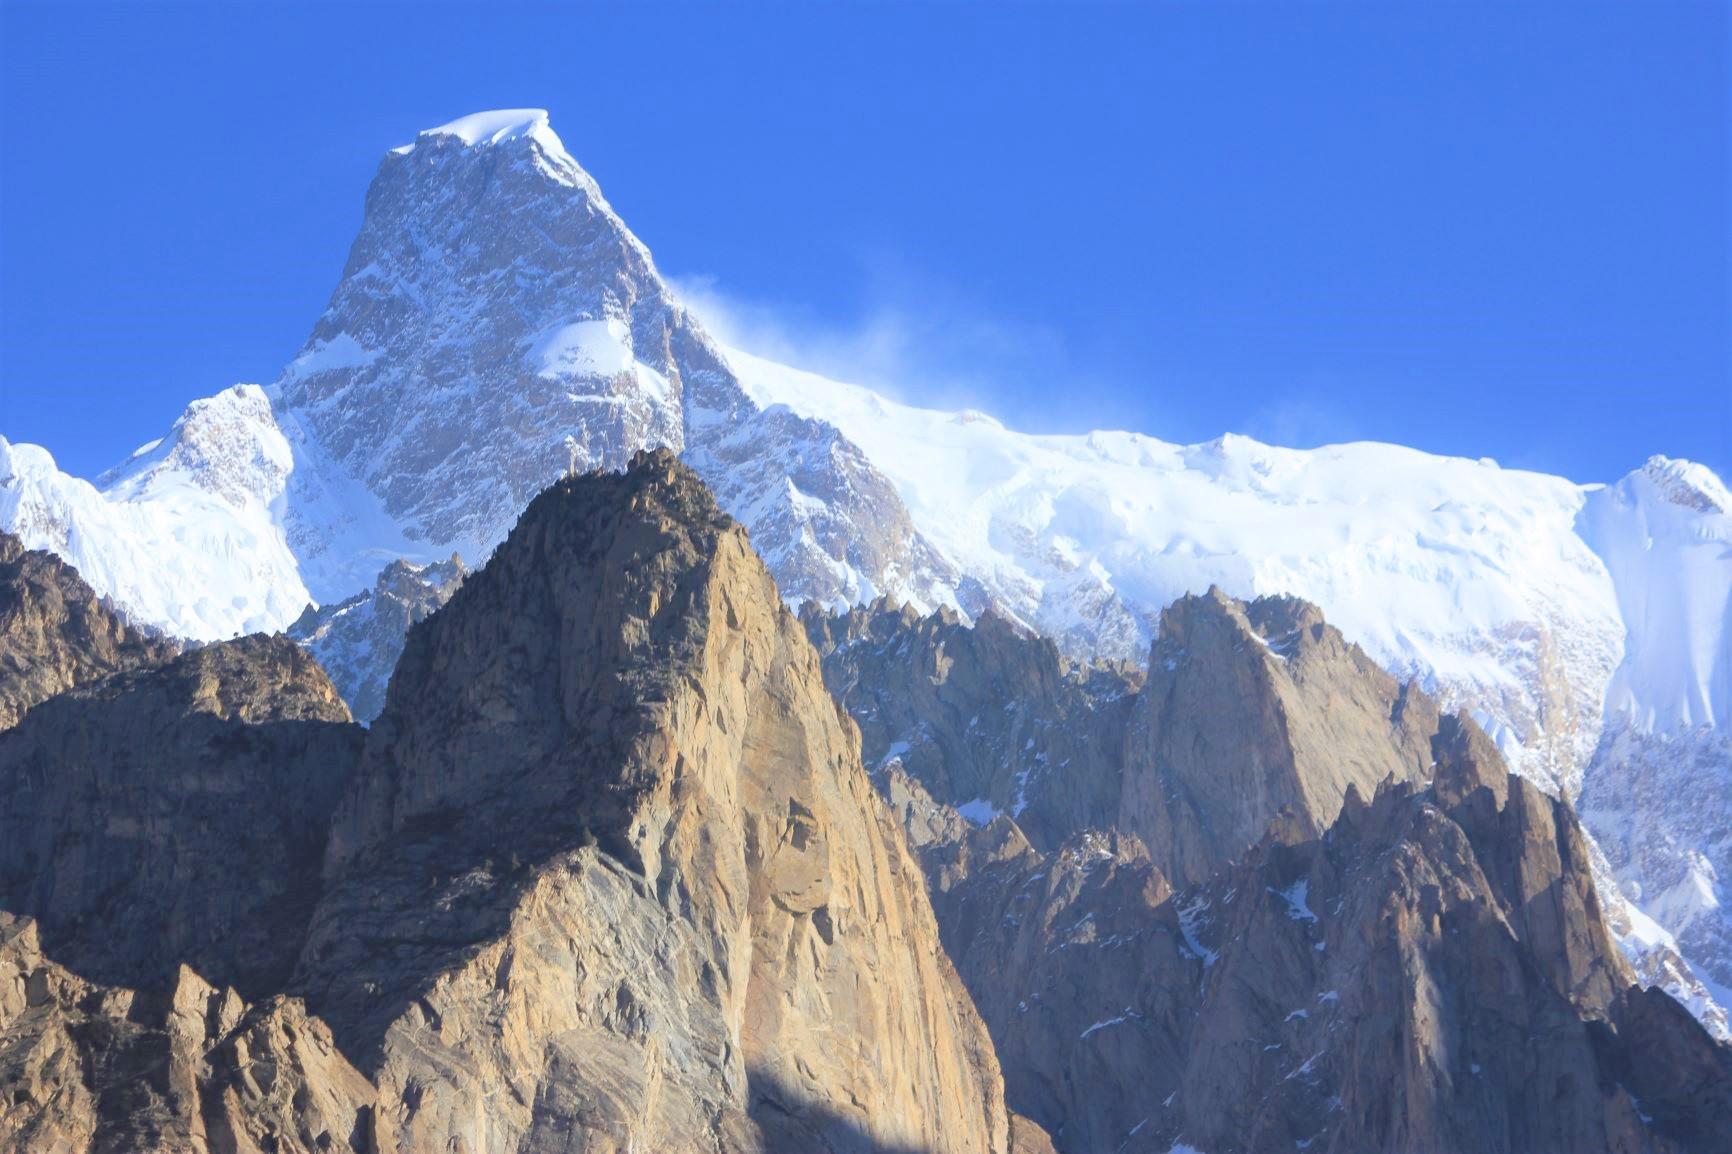 難攻不落の山として知られるウルタルⅡ峰(7,388m)